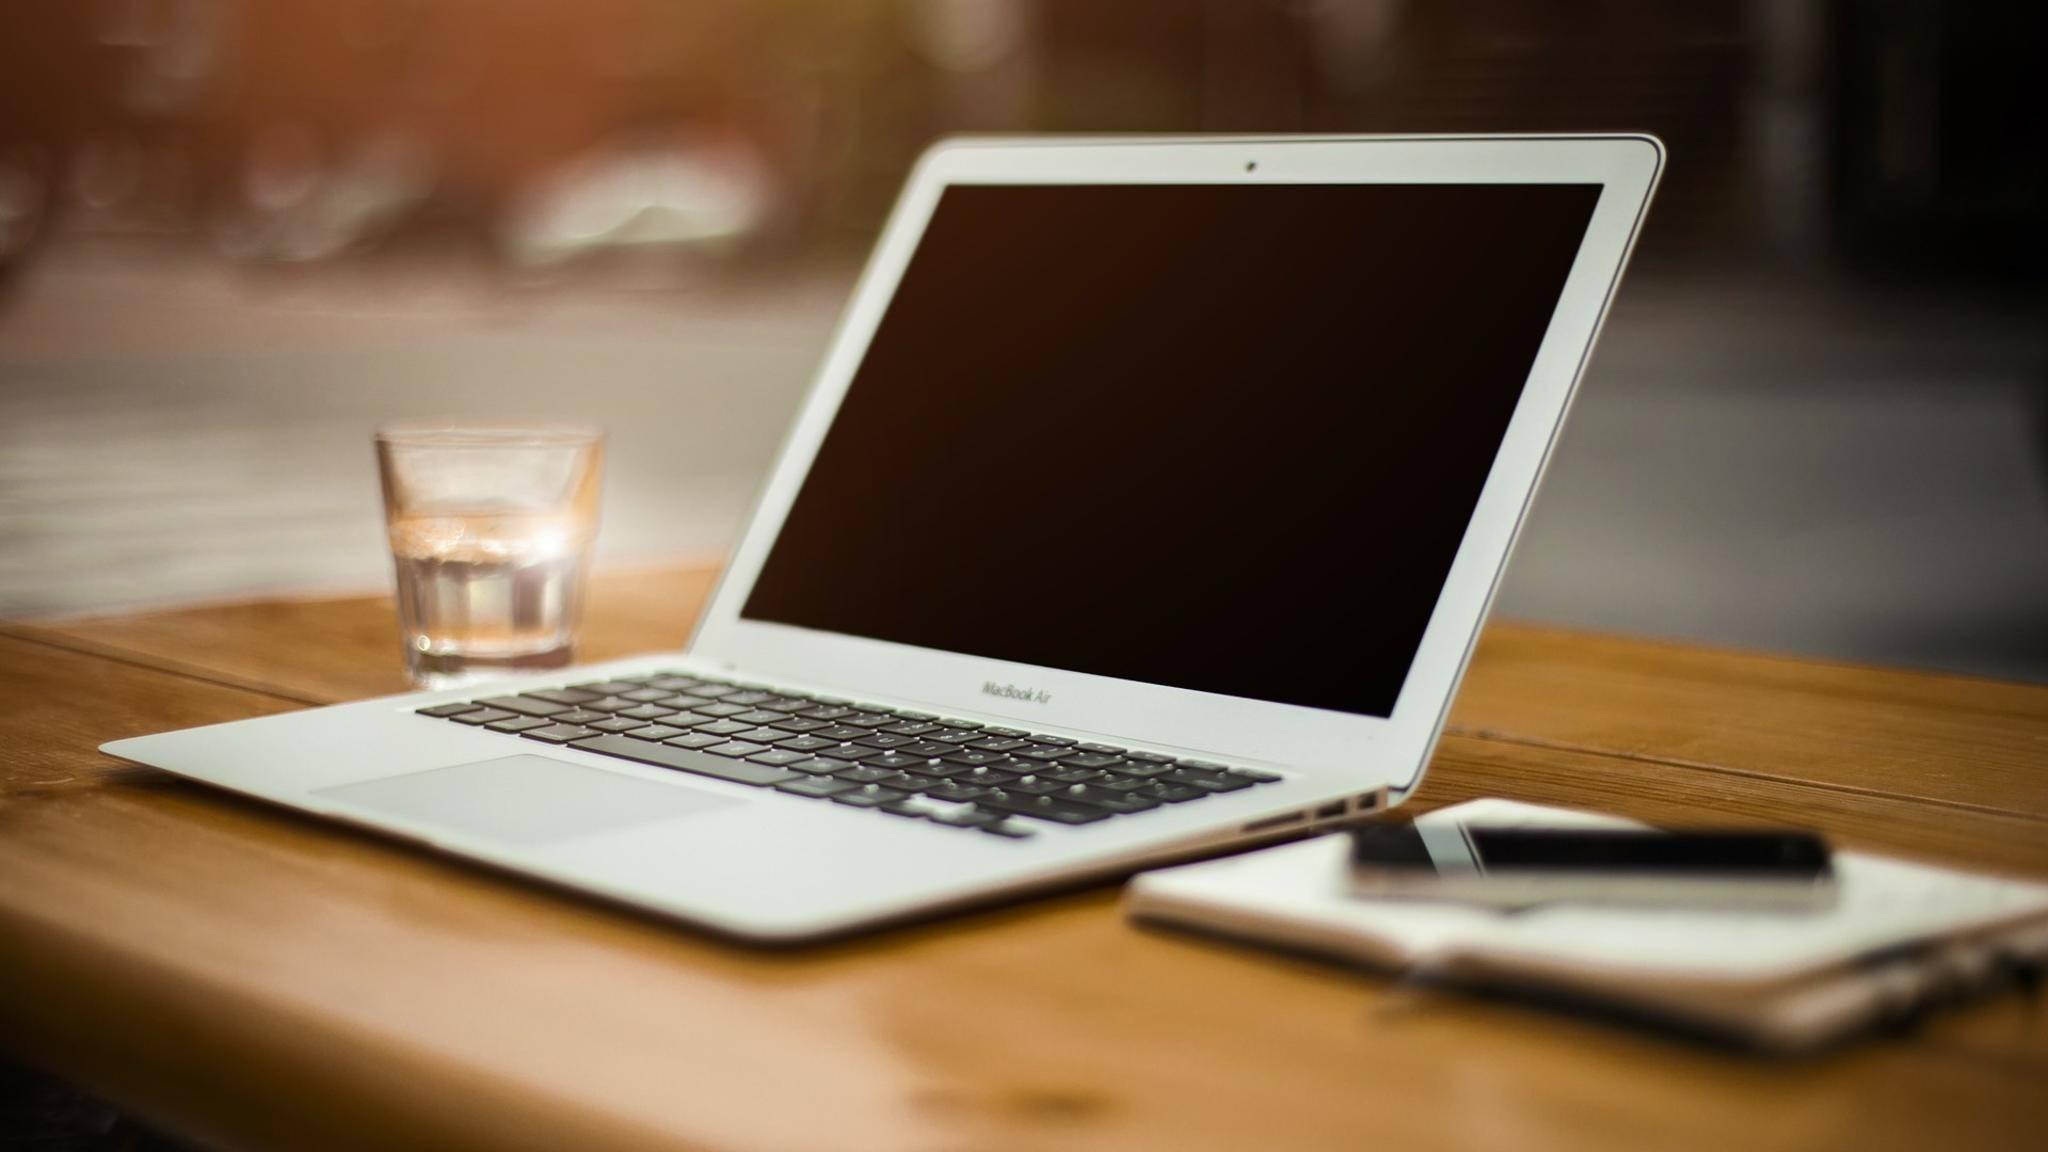 Bis das MacBook Air ein Upgrade bekommt, könnte es noch etwas dauern.